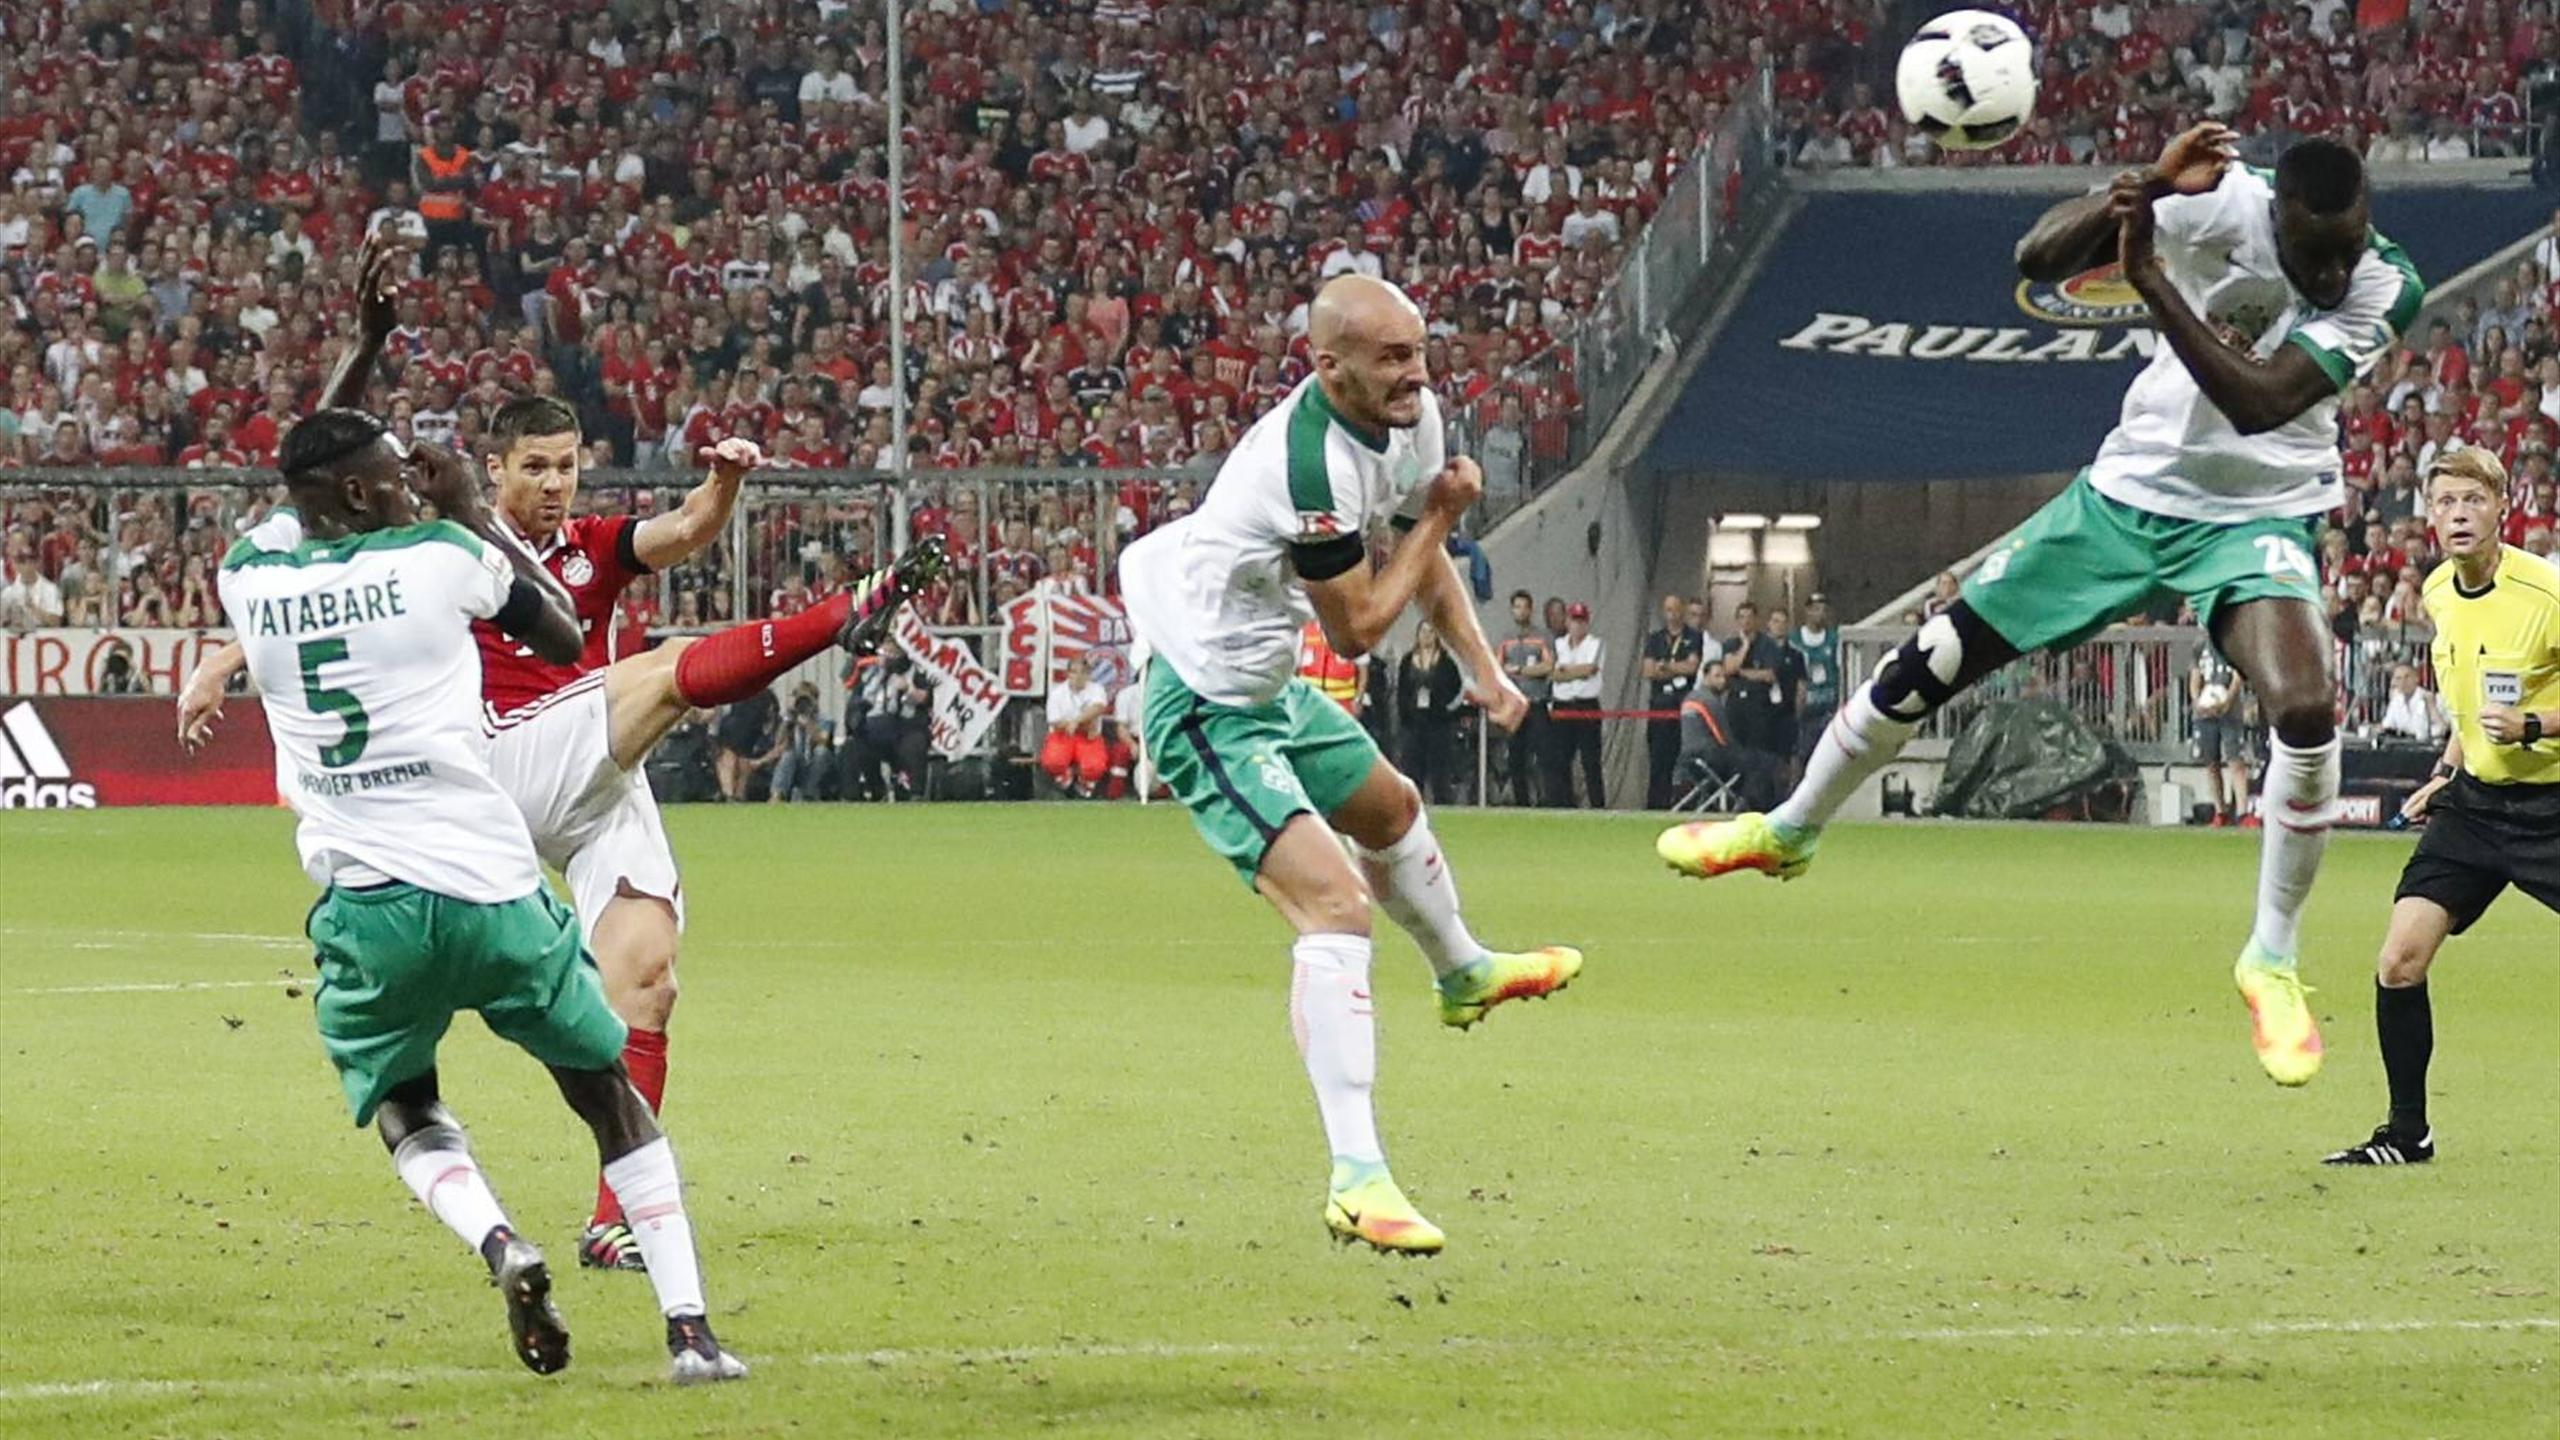 Xabi Alonso scoring against Werder Bremen